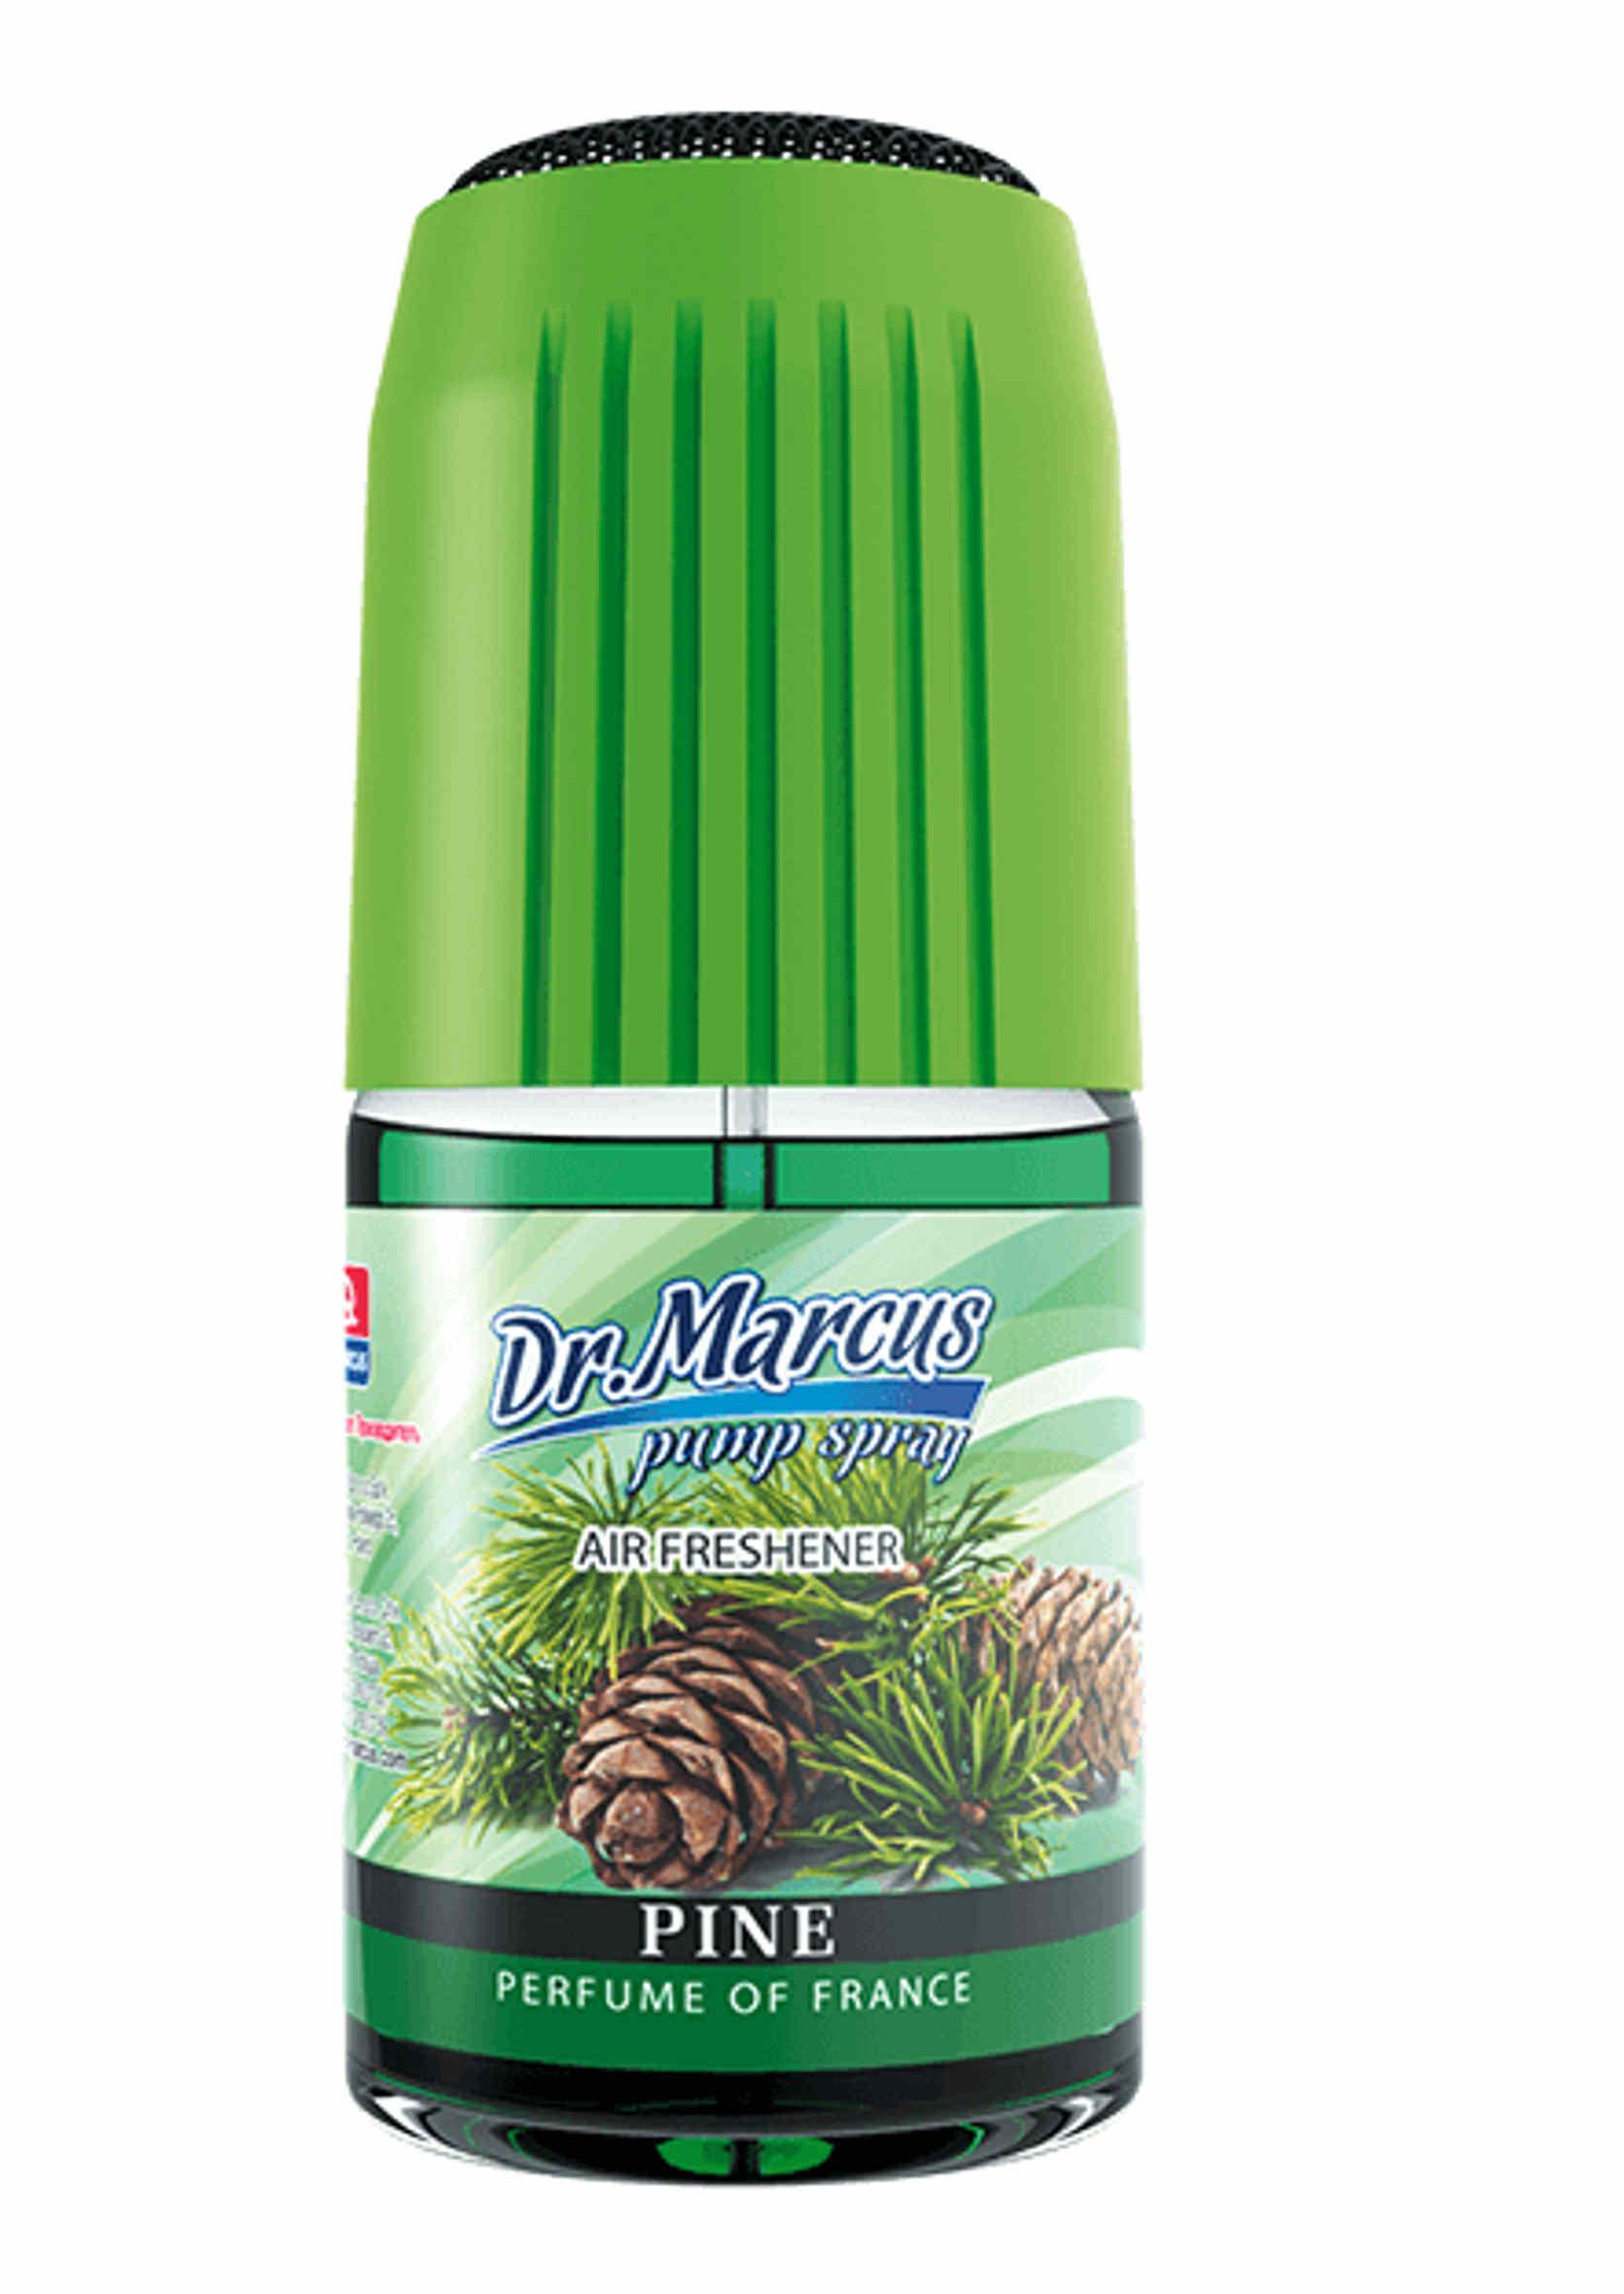 Dr. Marcus Atomizer Pine 50ml Zapach Samochodowy Leśny